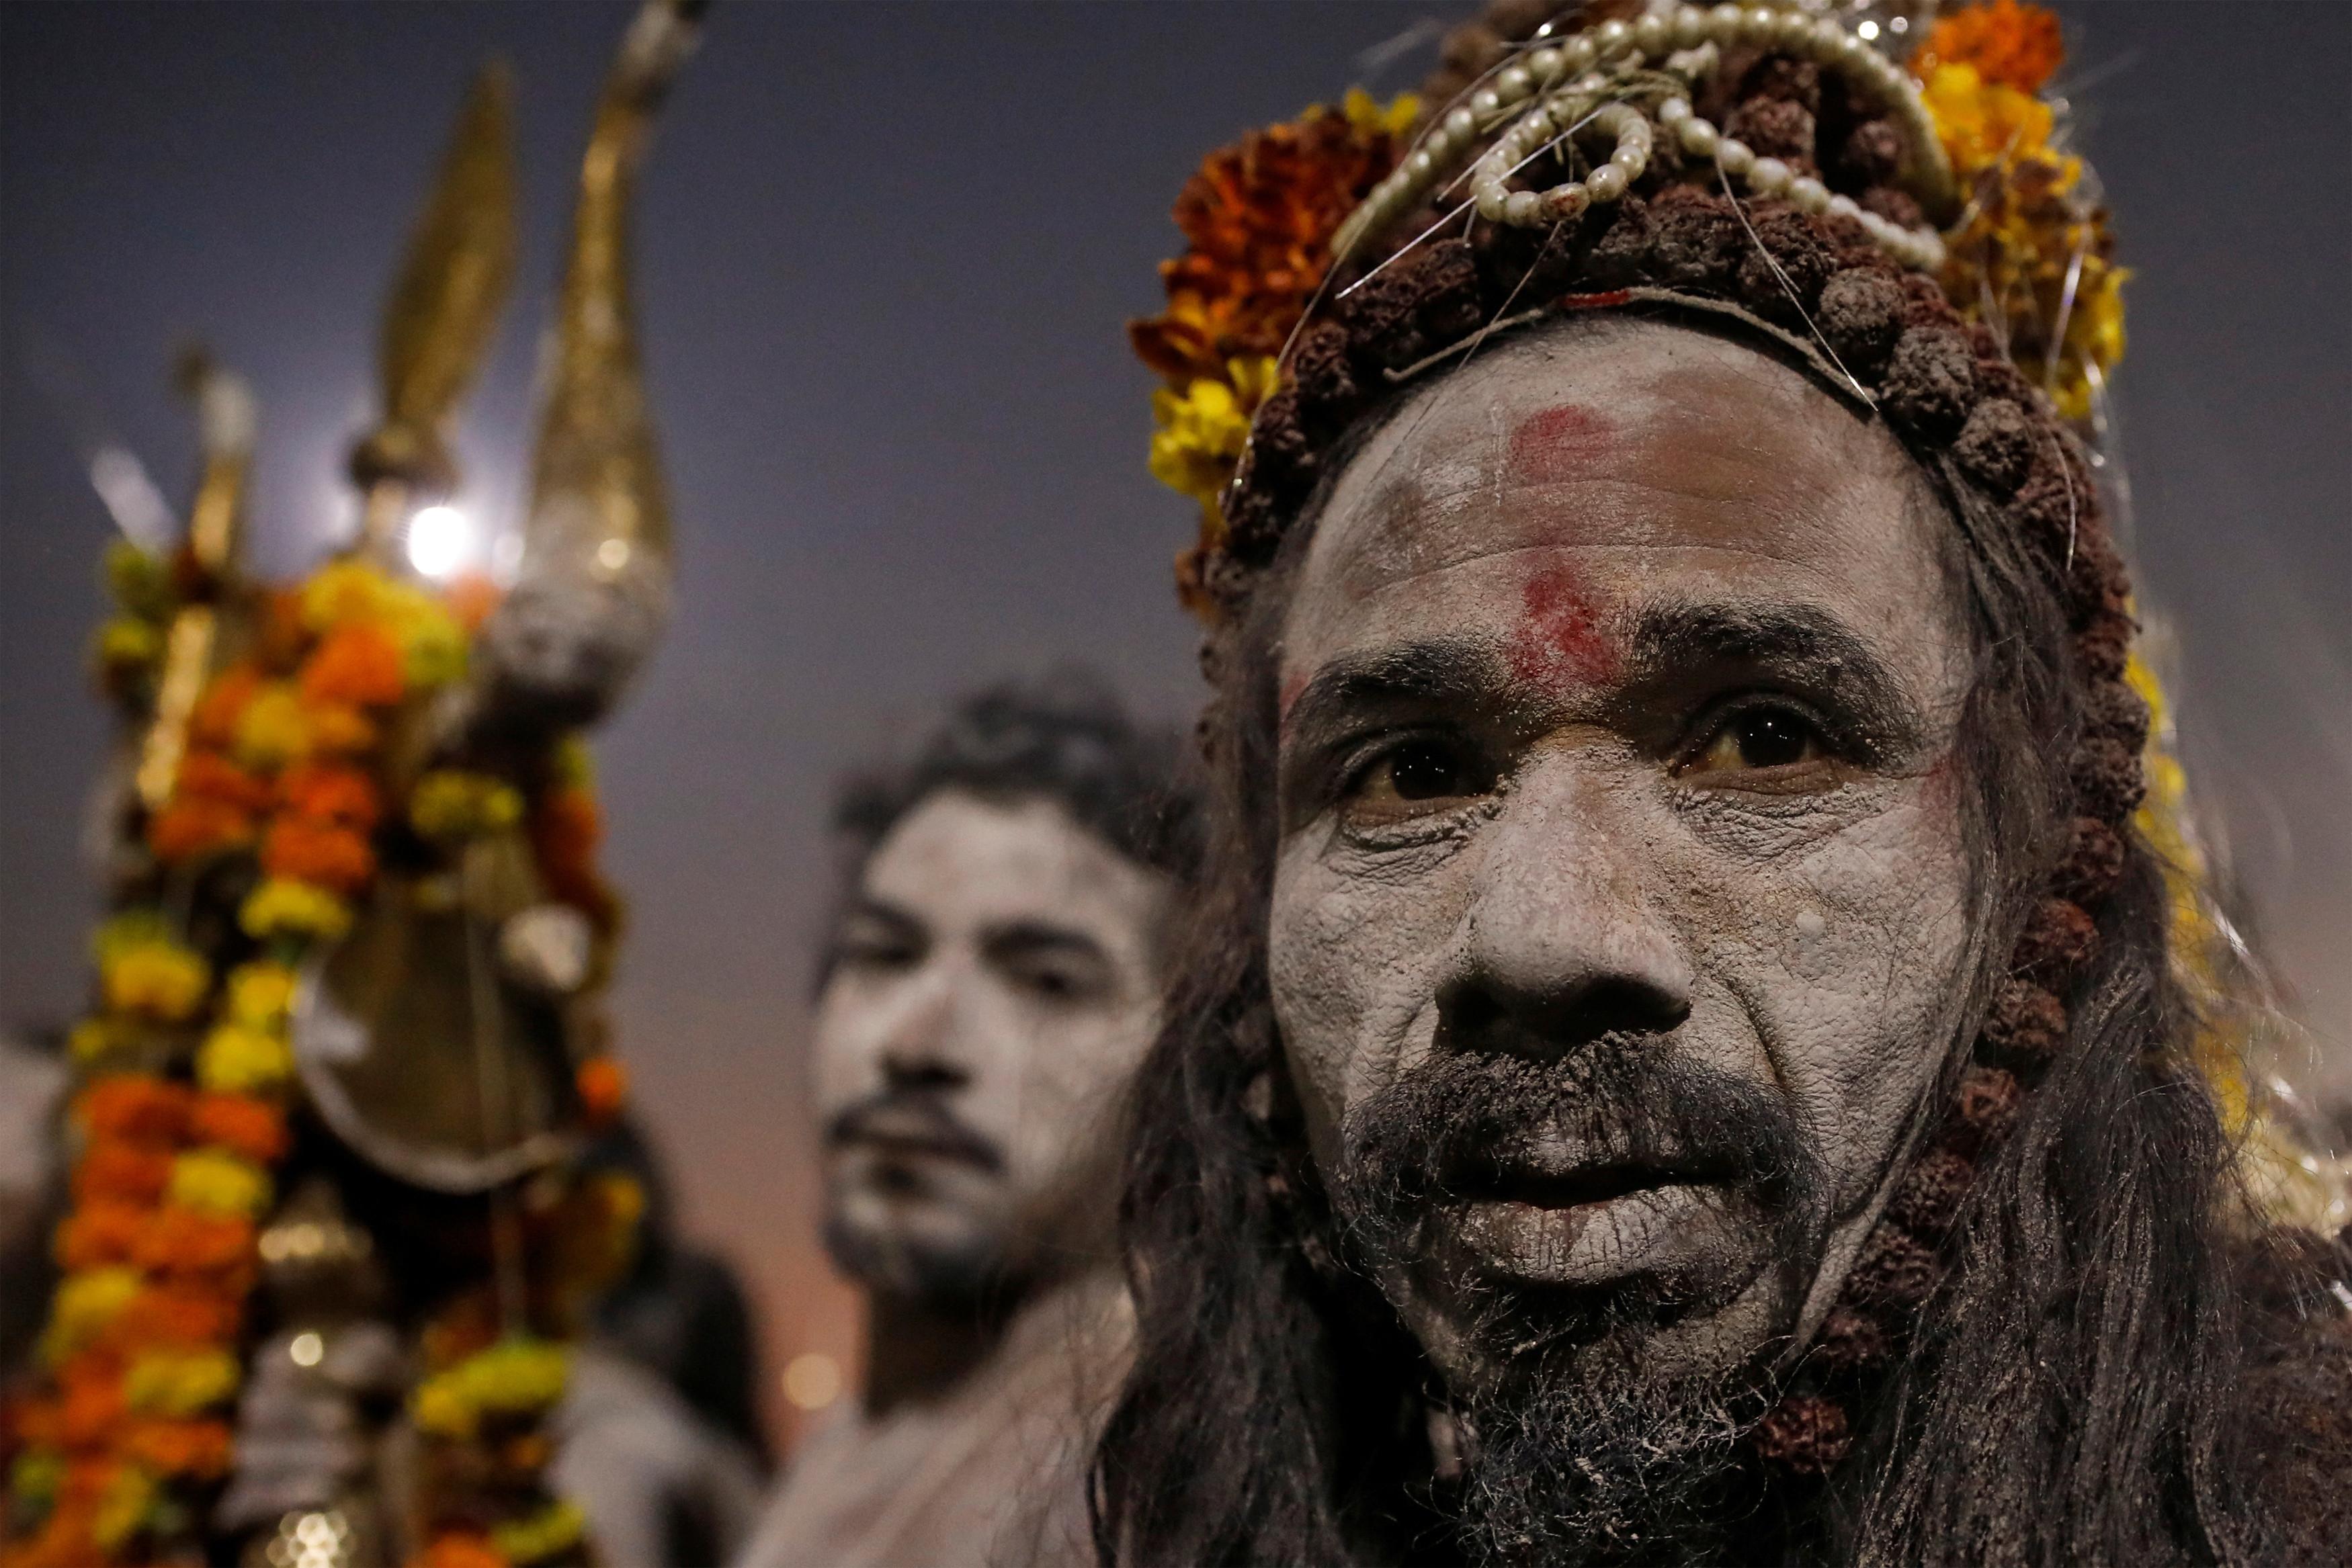 Naga Sadhus or Hindu Holy men leave after taking a dip